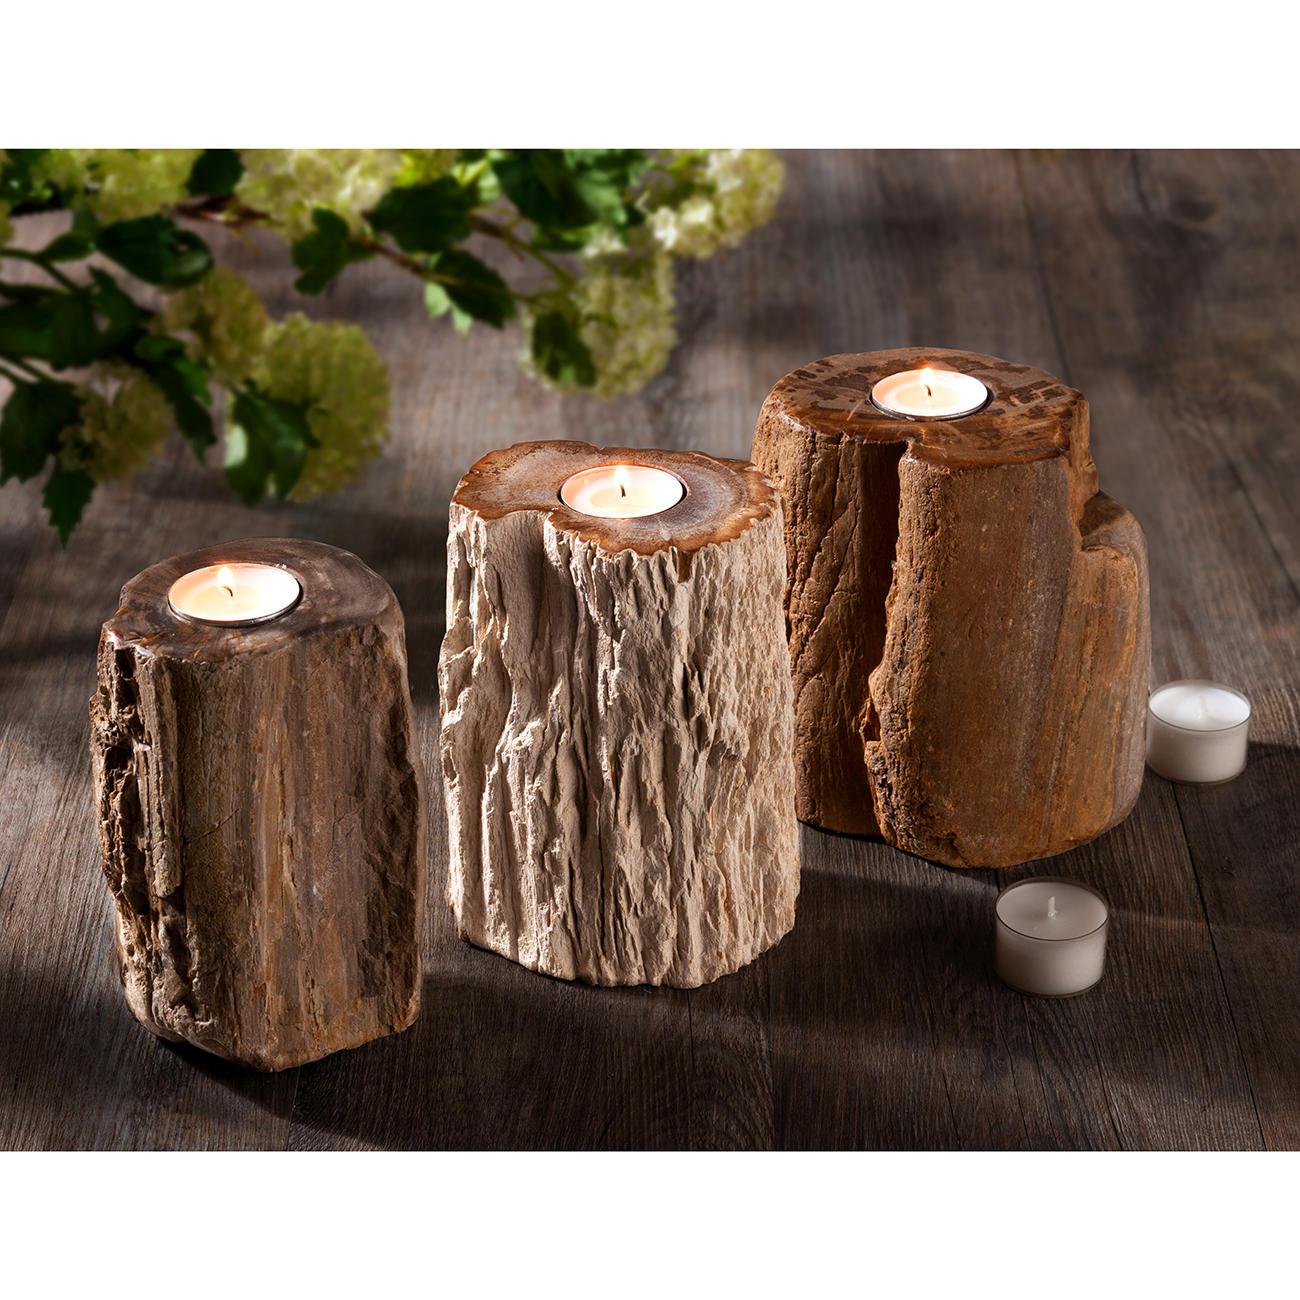 acheter photophore en bois p trifi en ligne pas cher. Black Bedroom Furniture Sets. Home Design Ideas